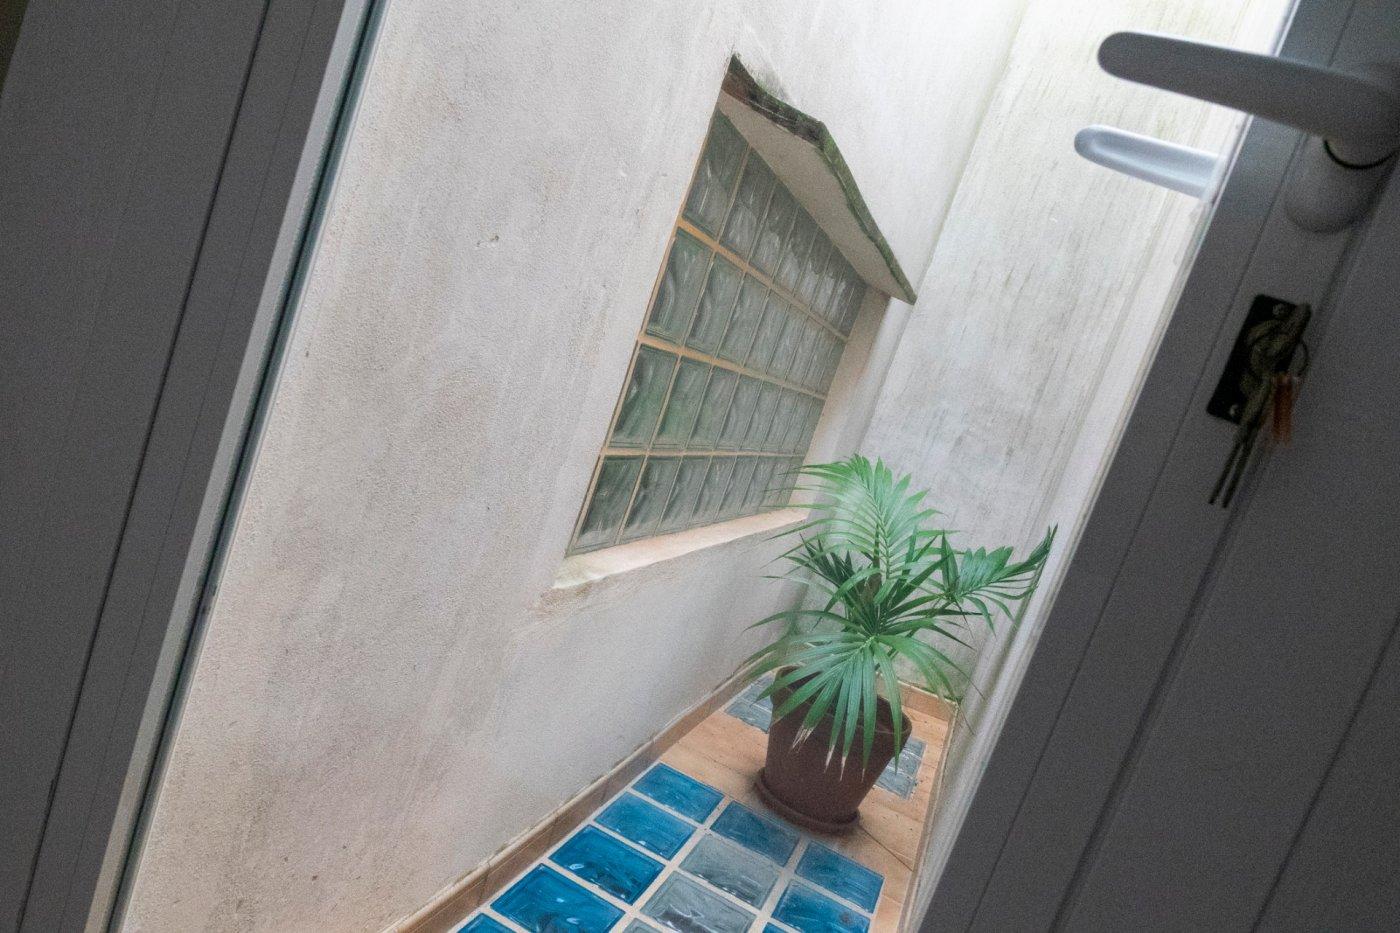 Chalet unifamiliar en manacor. espectacular vivienda independiente con piscina y mucha tra - imagenInmueble24